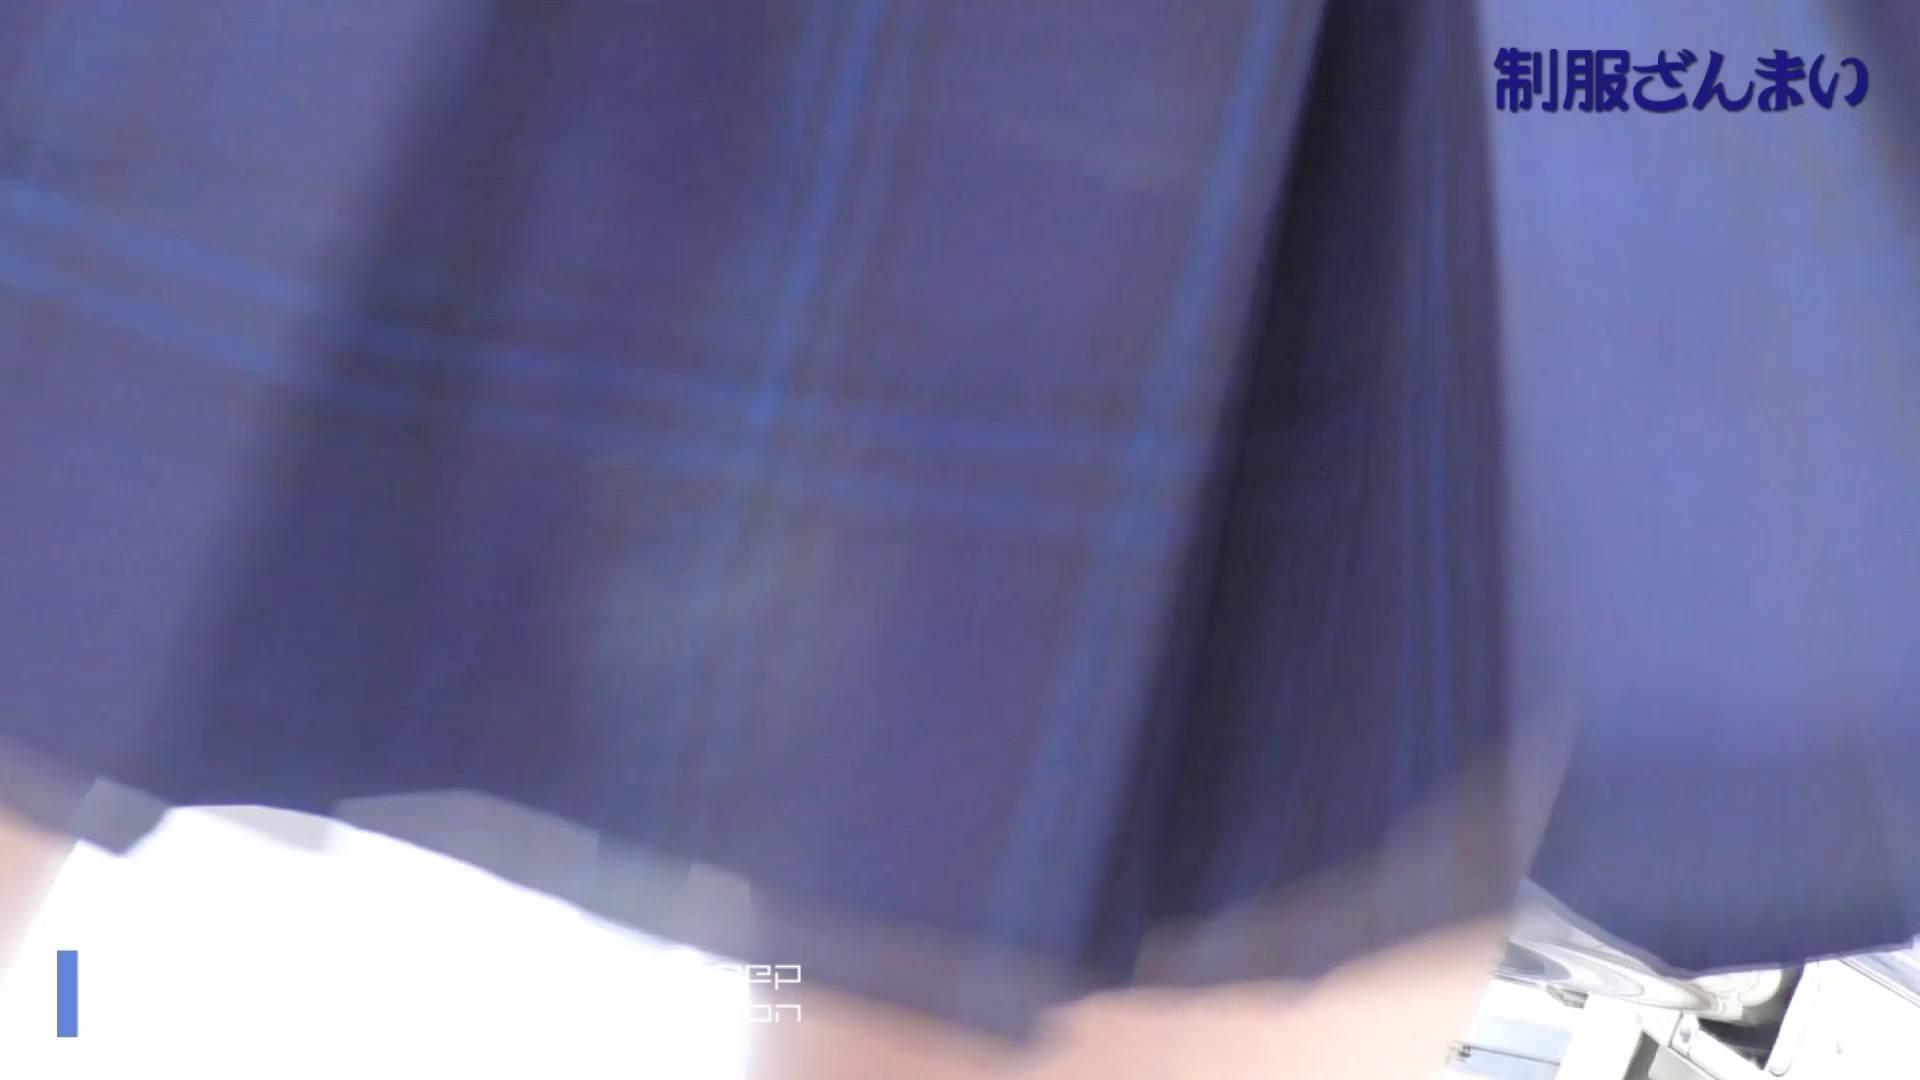 ▲2017_20位▲ パンツを売る女 Vol.24可愛い制月反の大胆SEX後編 SEX映像  104連発 18